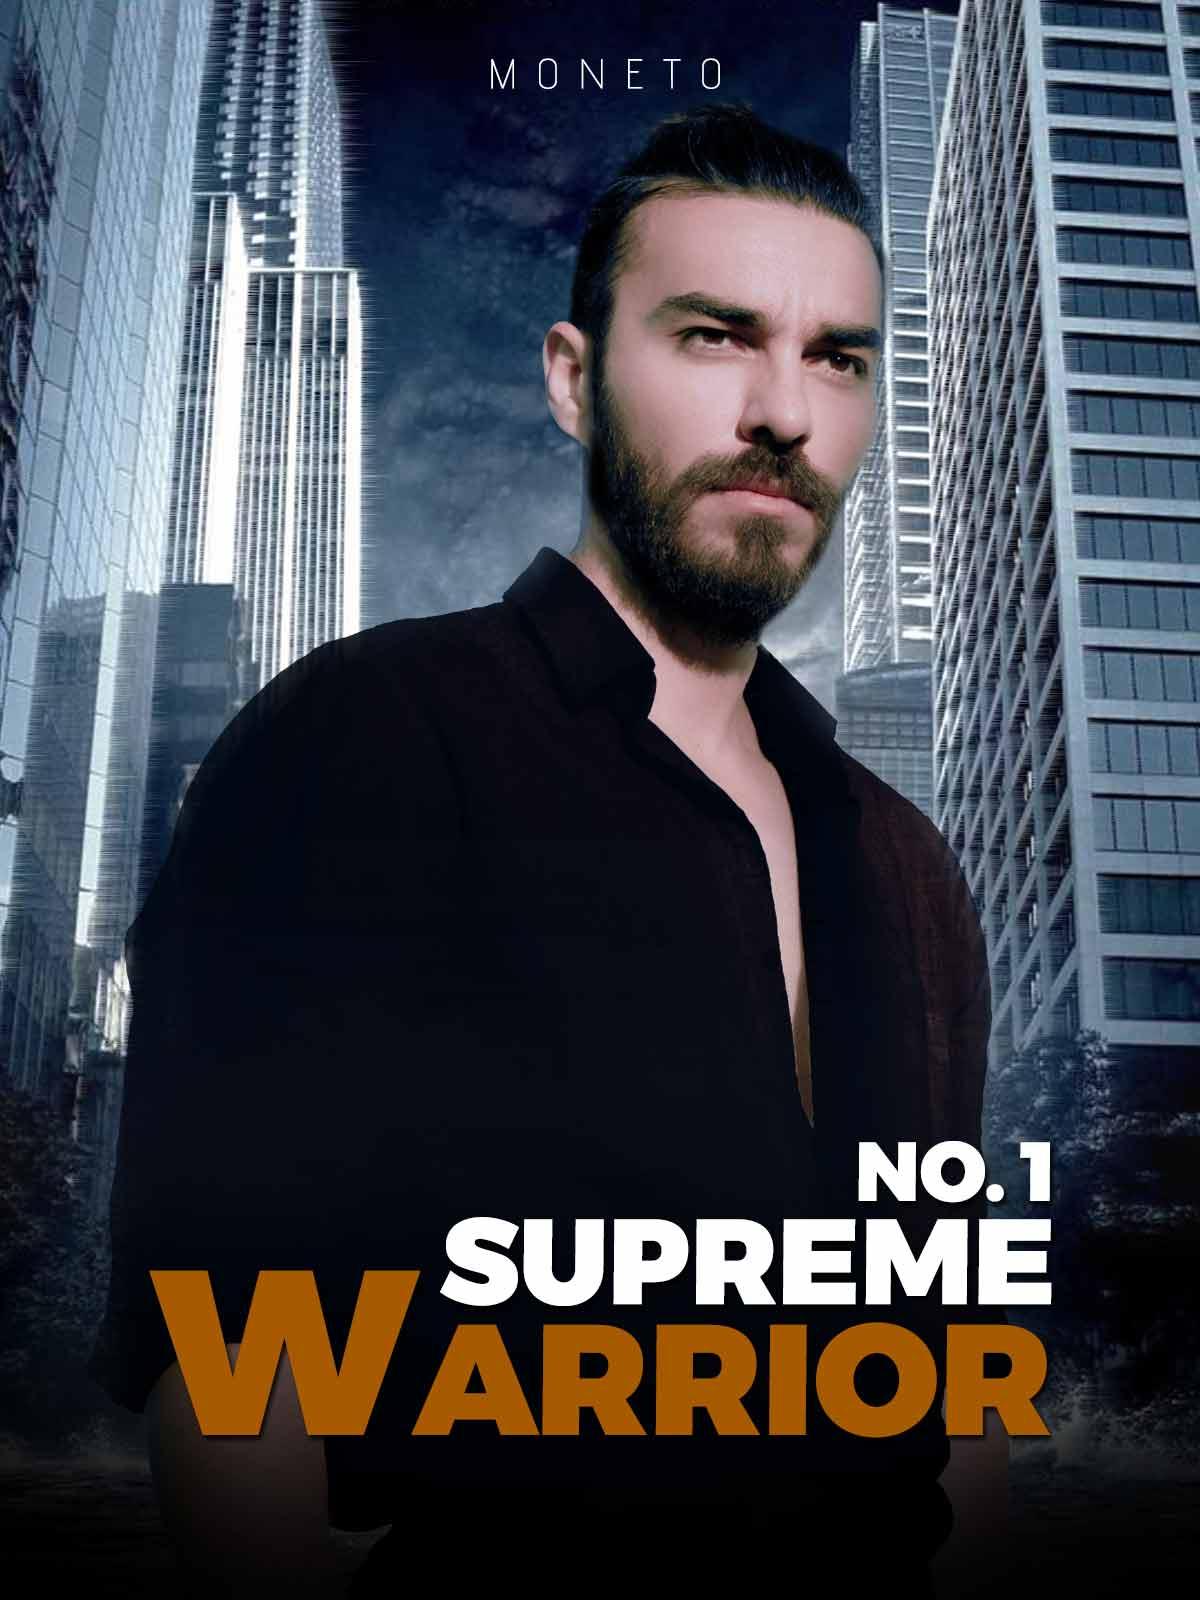 No. 1 Supreme Warrior